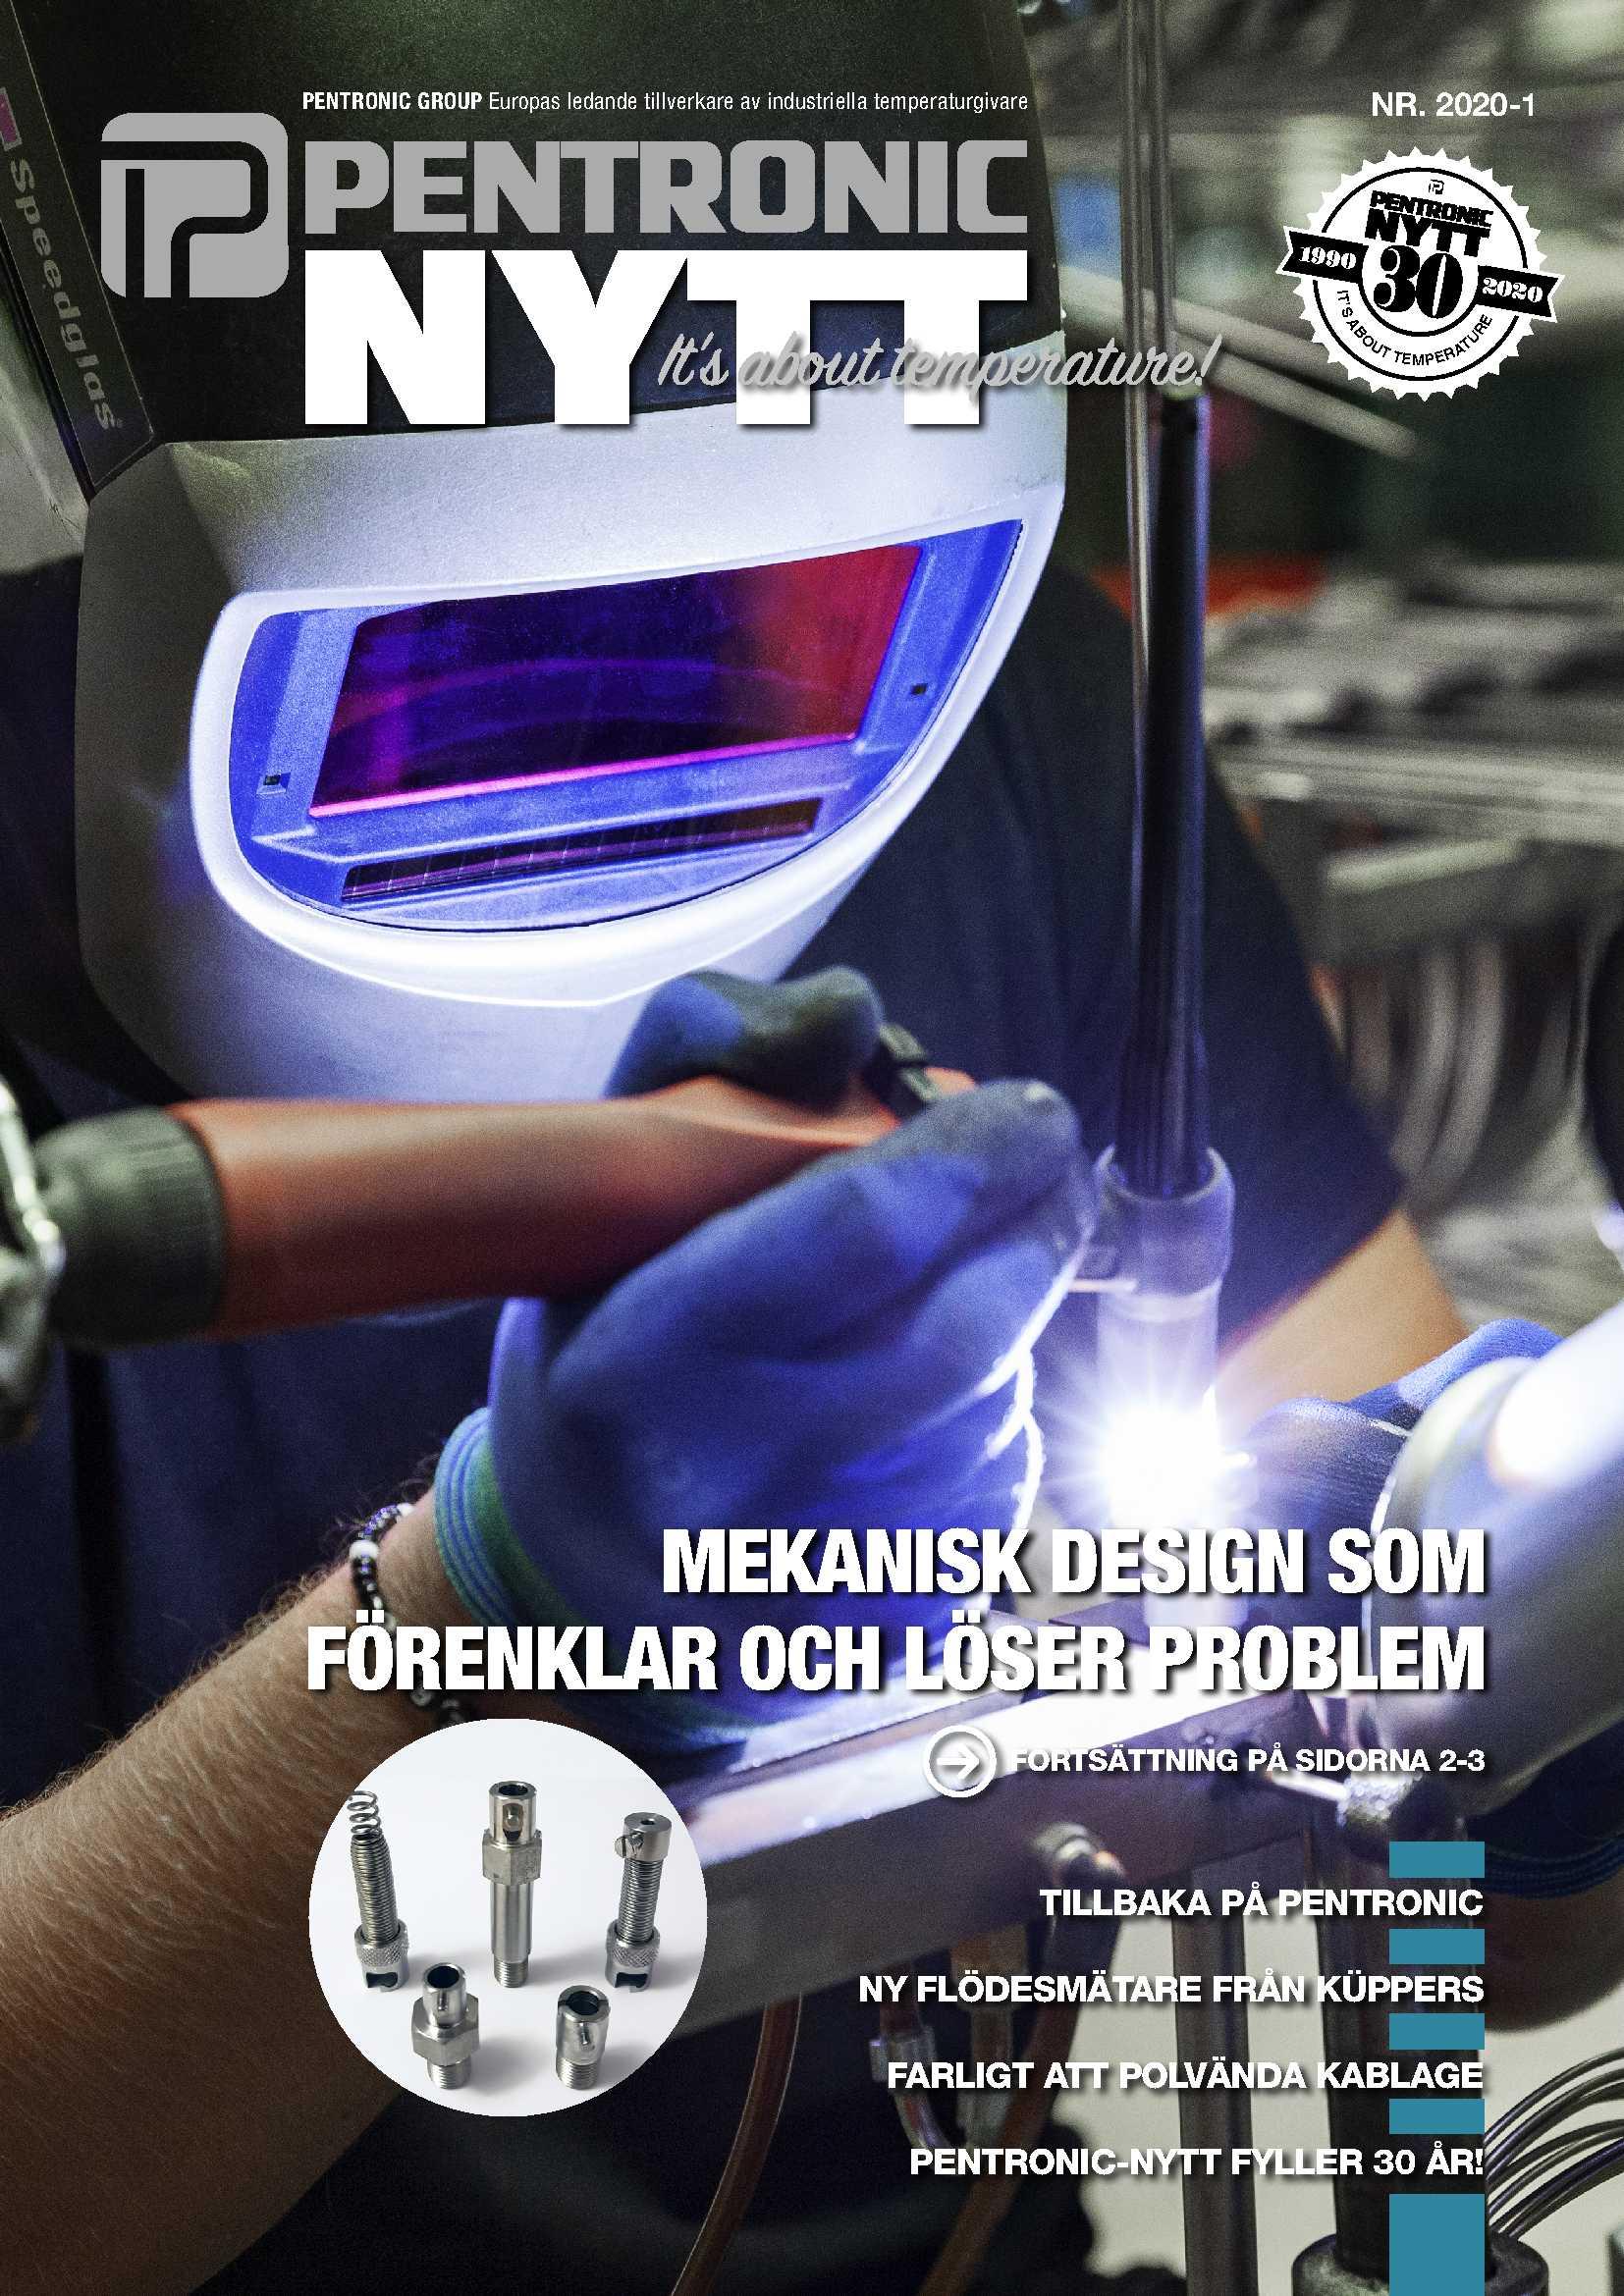 """PentronicNytt 2020-1 bjuder bland annat på tips om """"Mekanisk design som förenklar och löser problem""""."""